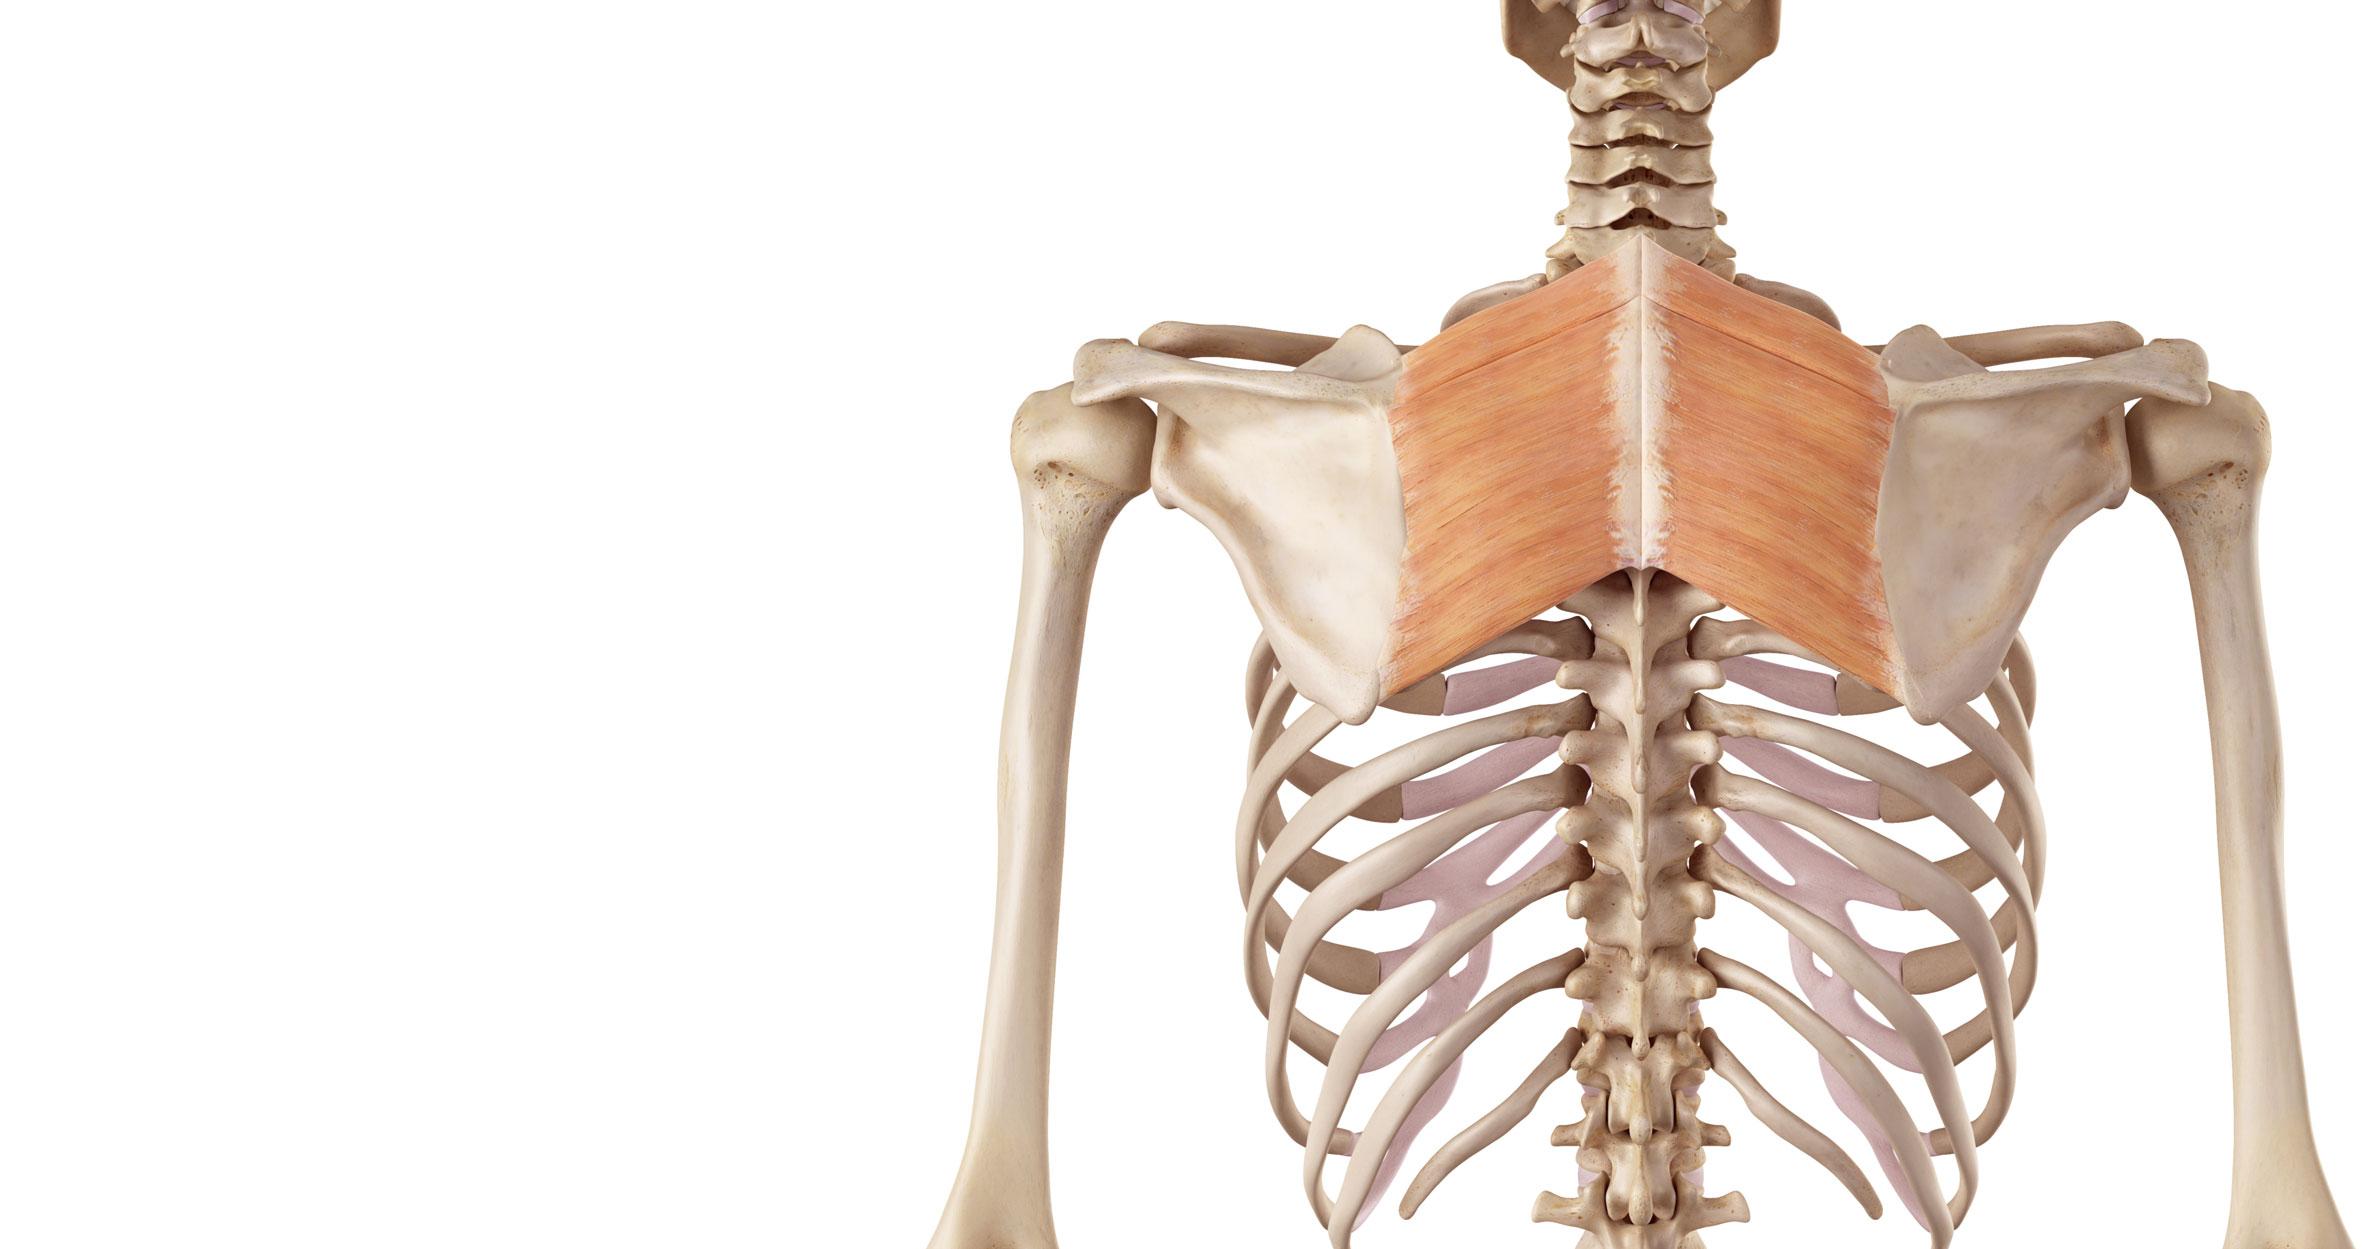 Großartig Schulter Anatomie Galerie - Physiologie Von Menschlichen ...